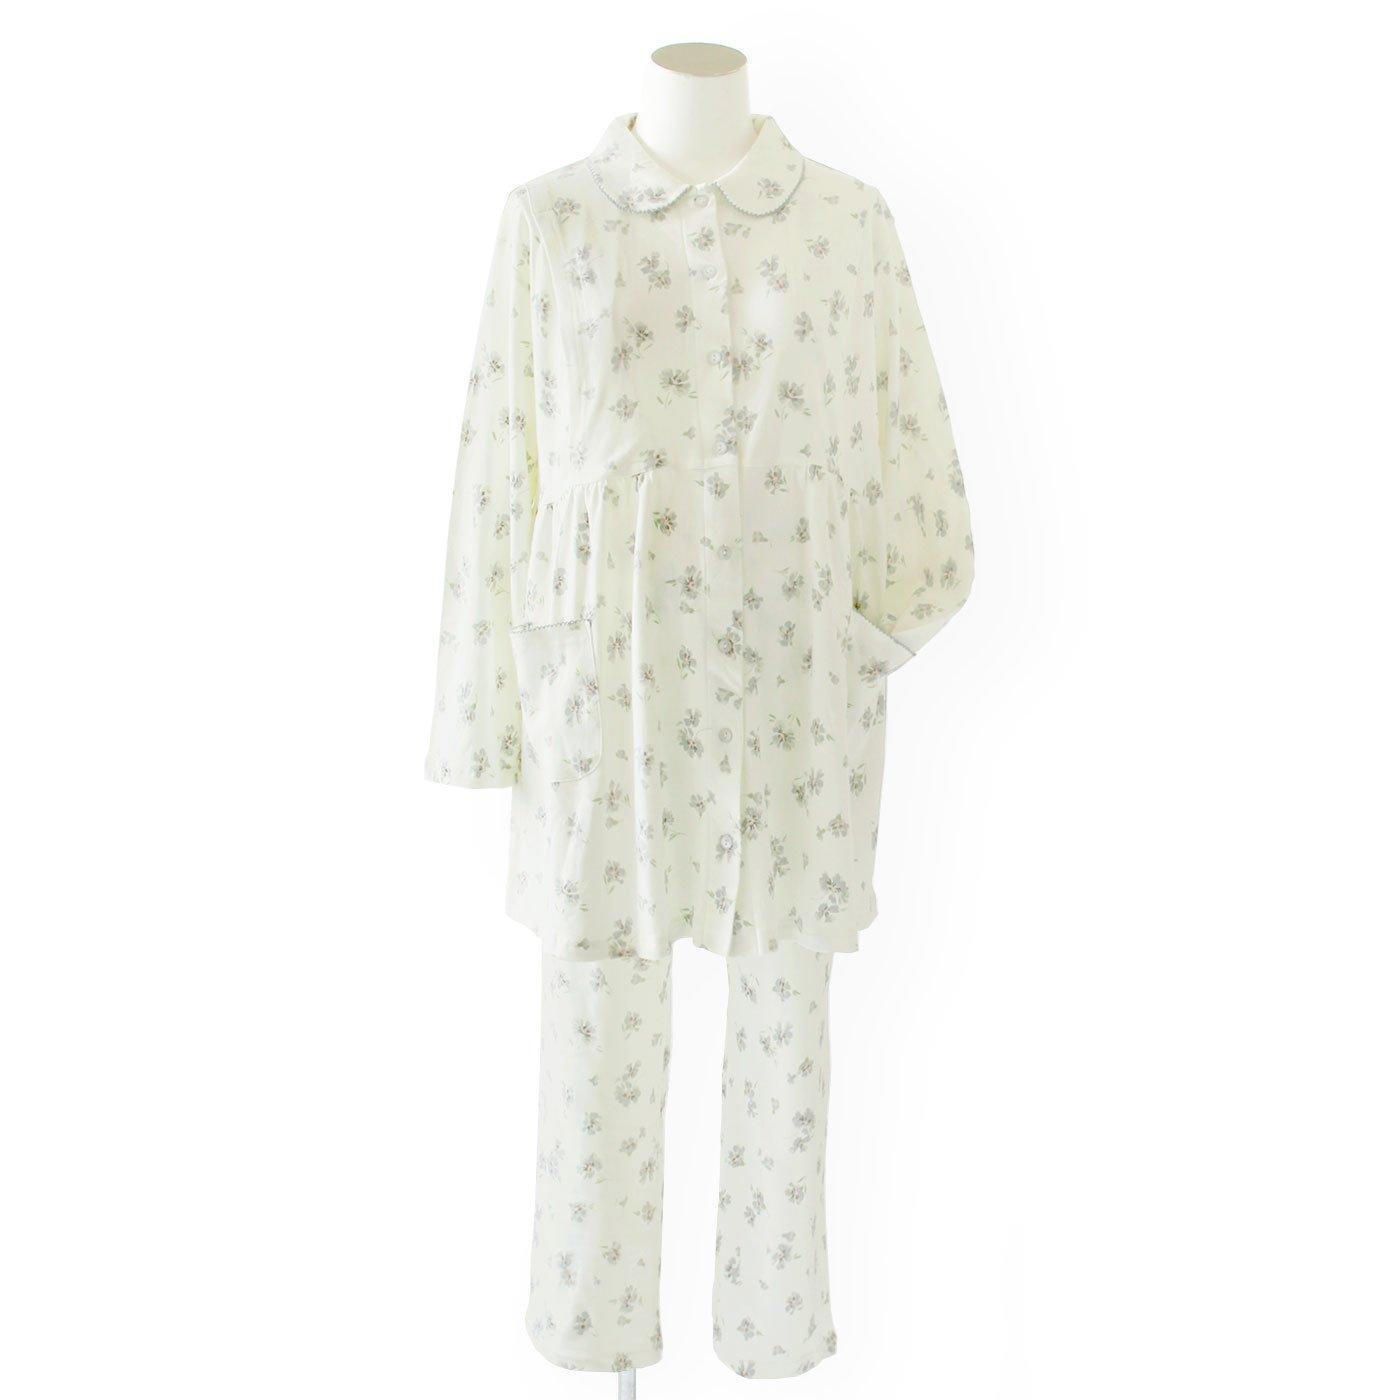 マタニティ・産後使える スムース素材で着心地やわらかな花柄パジャマ